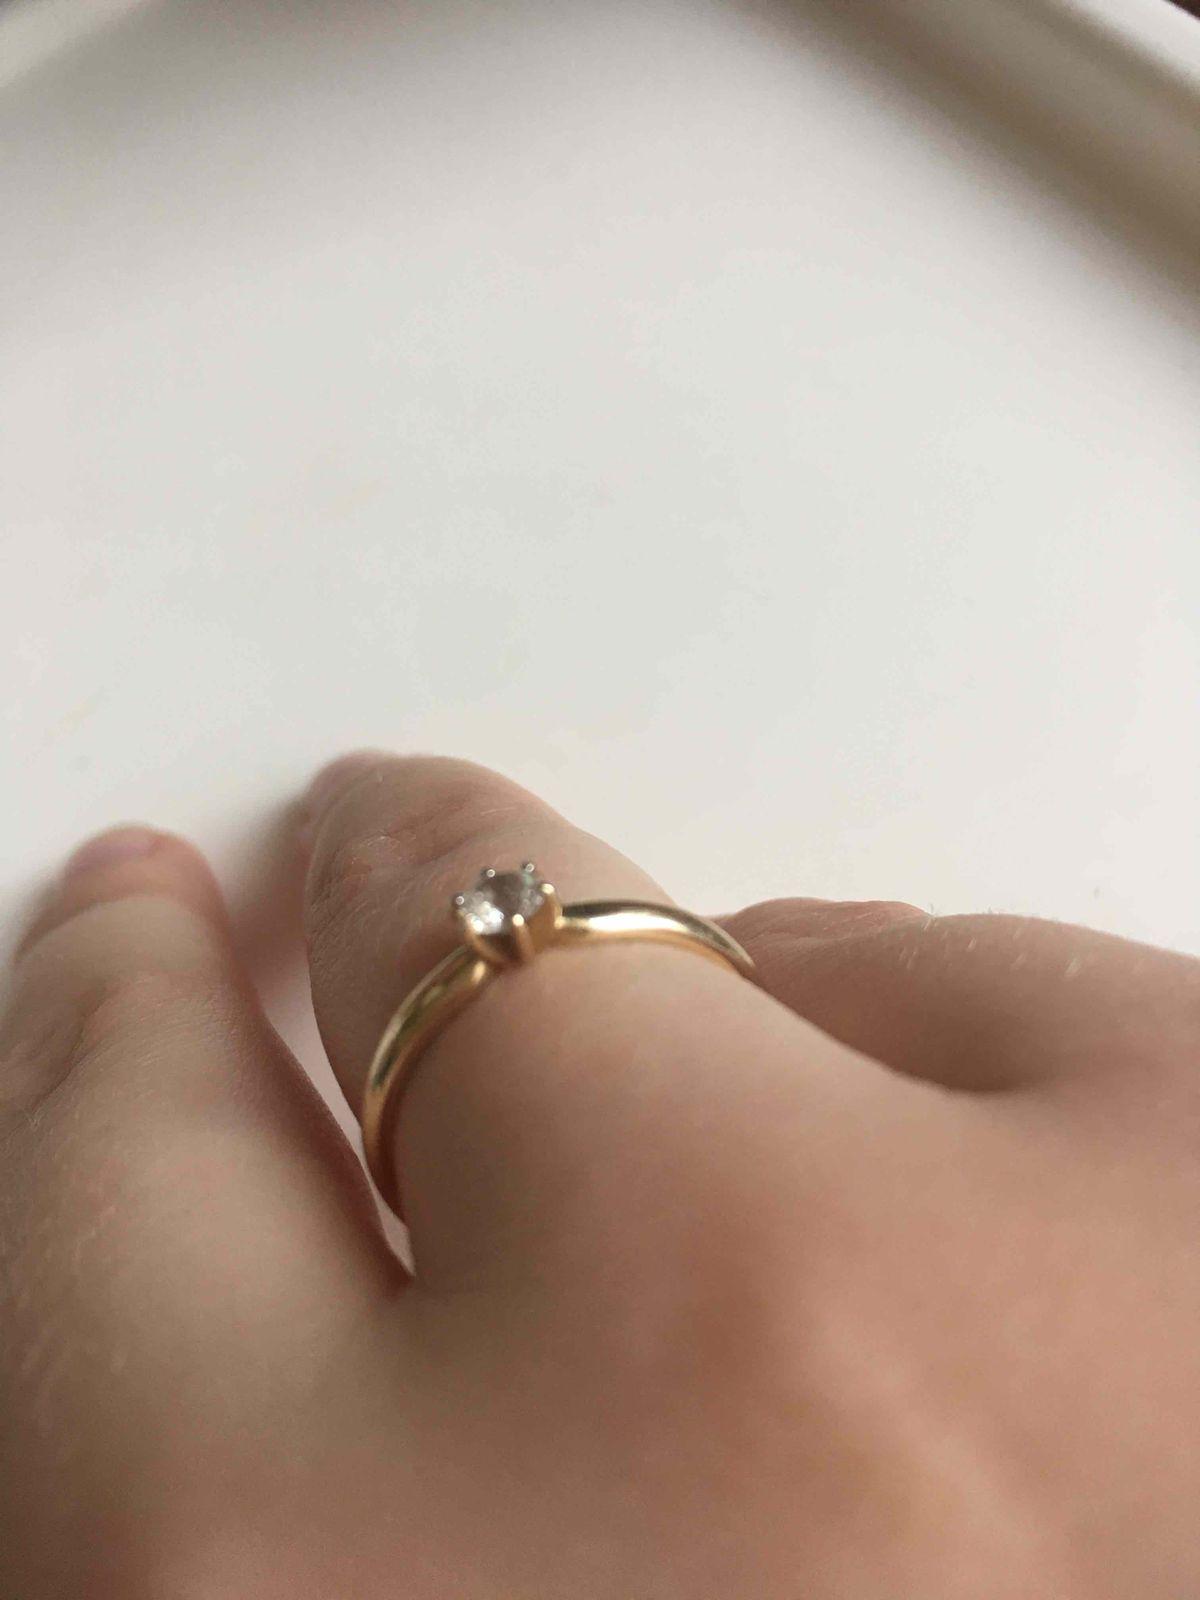 Классическое золотое колечко